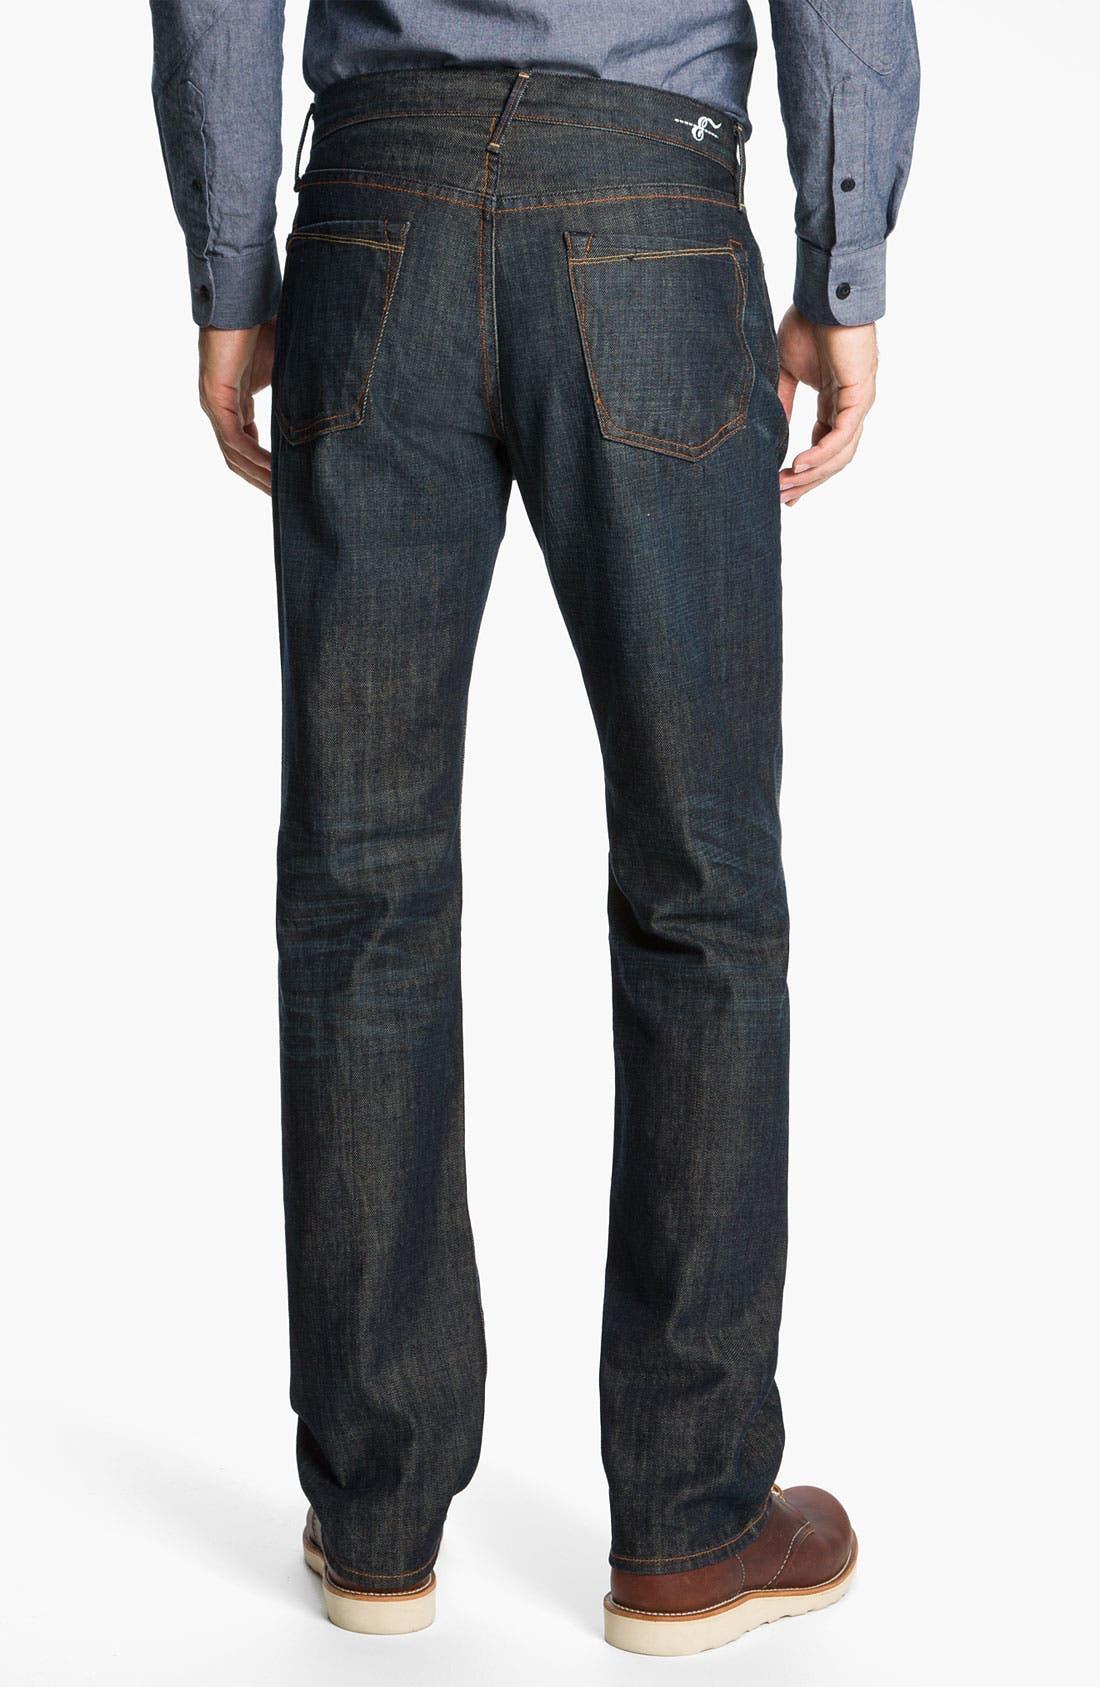 Alternate Image 2  - Earnest Sewn 'Dexter' Relaxed Straight Leg Jeans (Maz Dark)